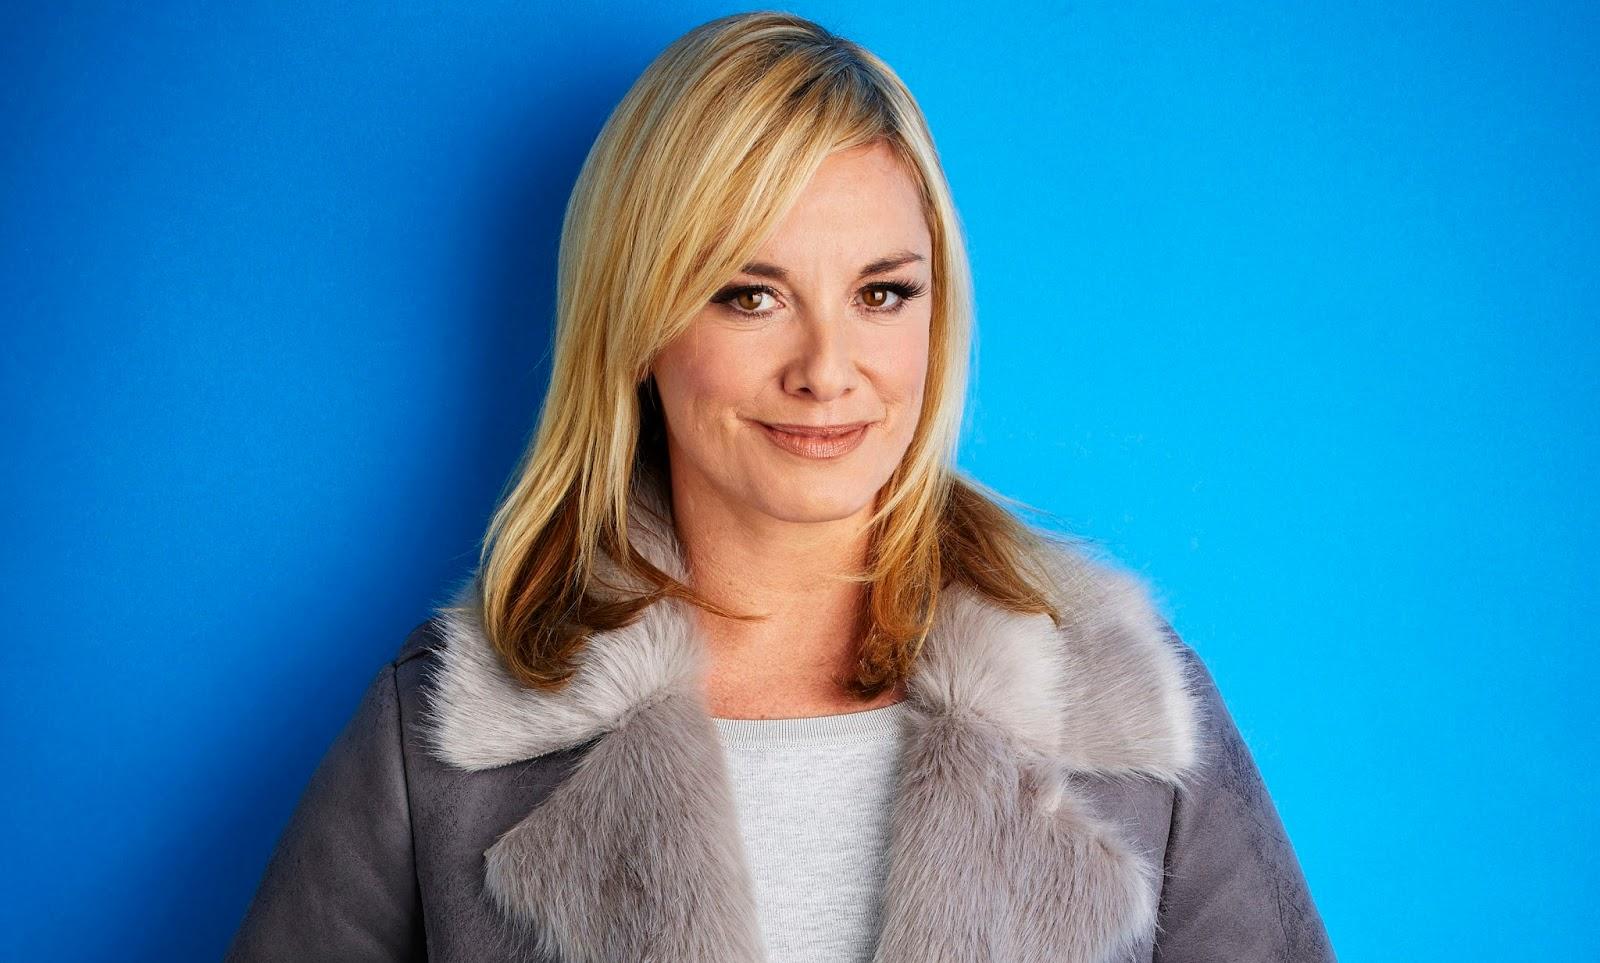 26ce1fd15cfa Get The Look: Melanie Owen | EastEnders News and Gossip by Walford East